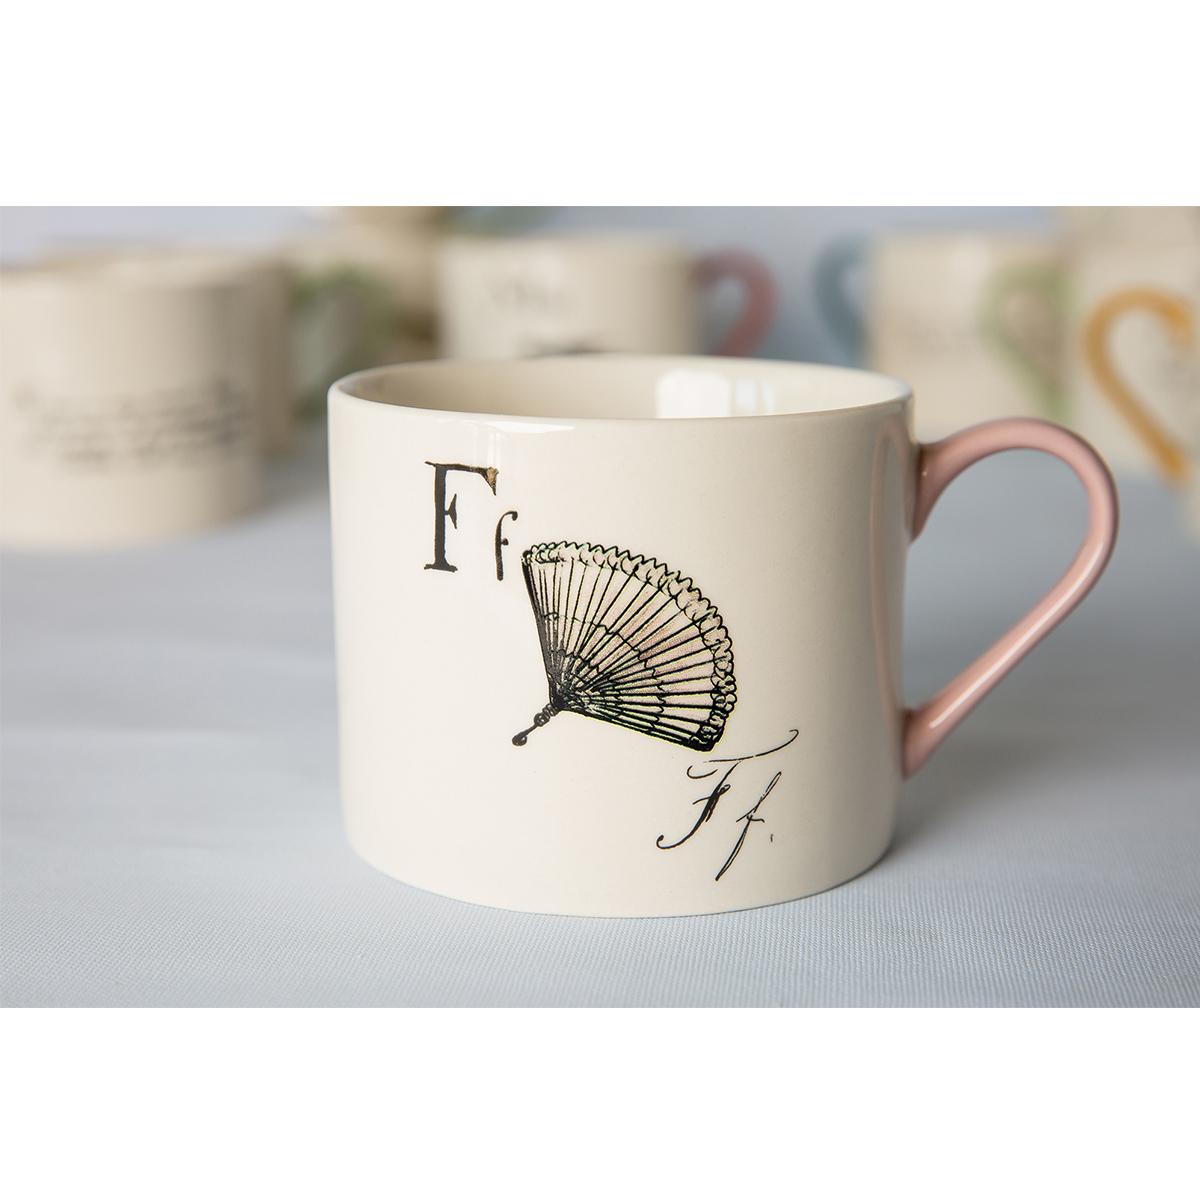 Edward Lear alphabet mug - F